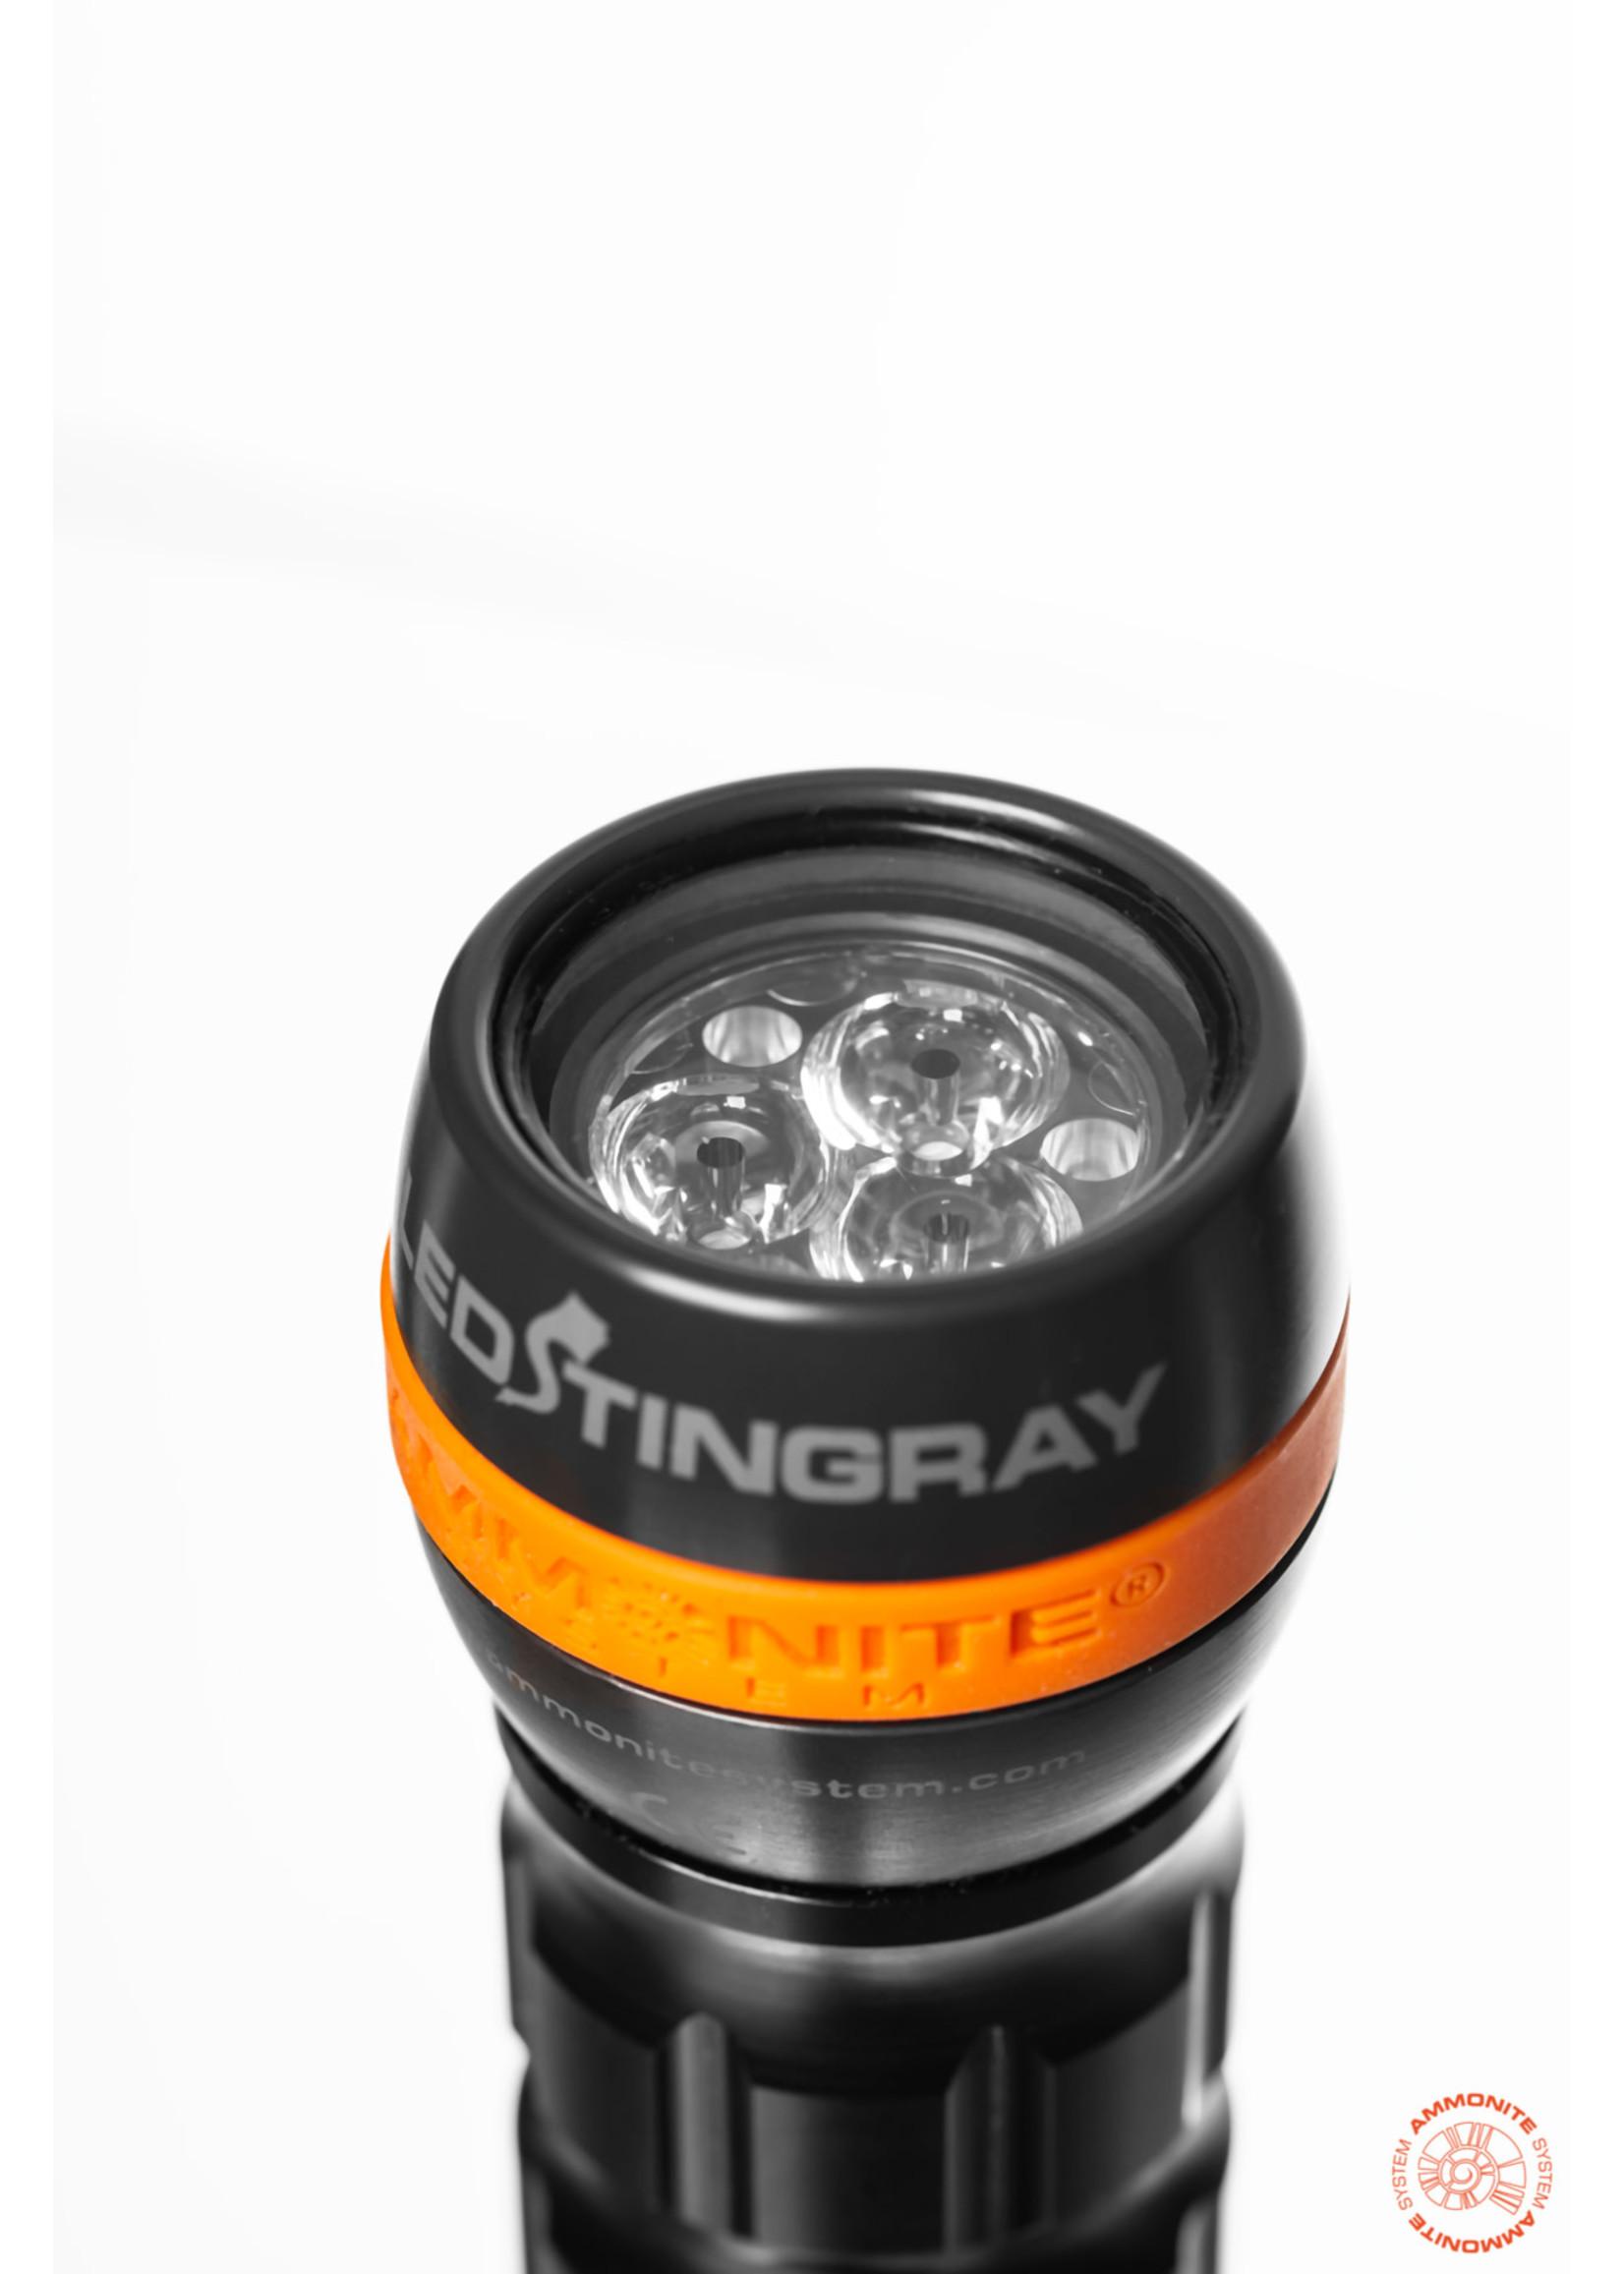 Ammonite Ammonite LED Stingray